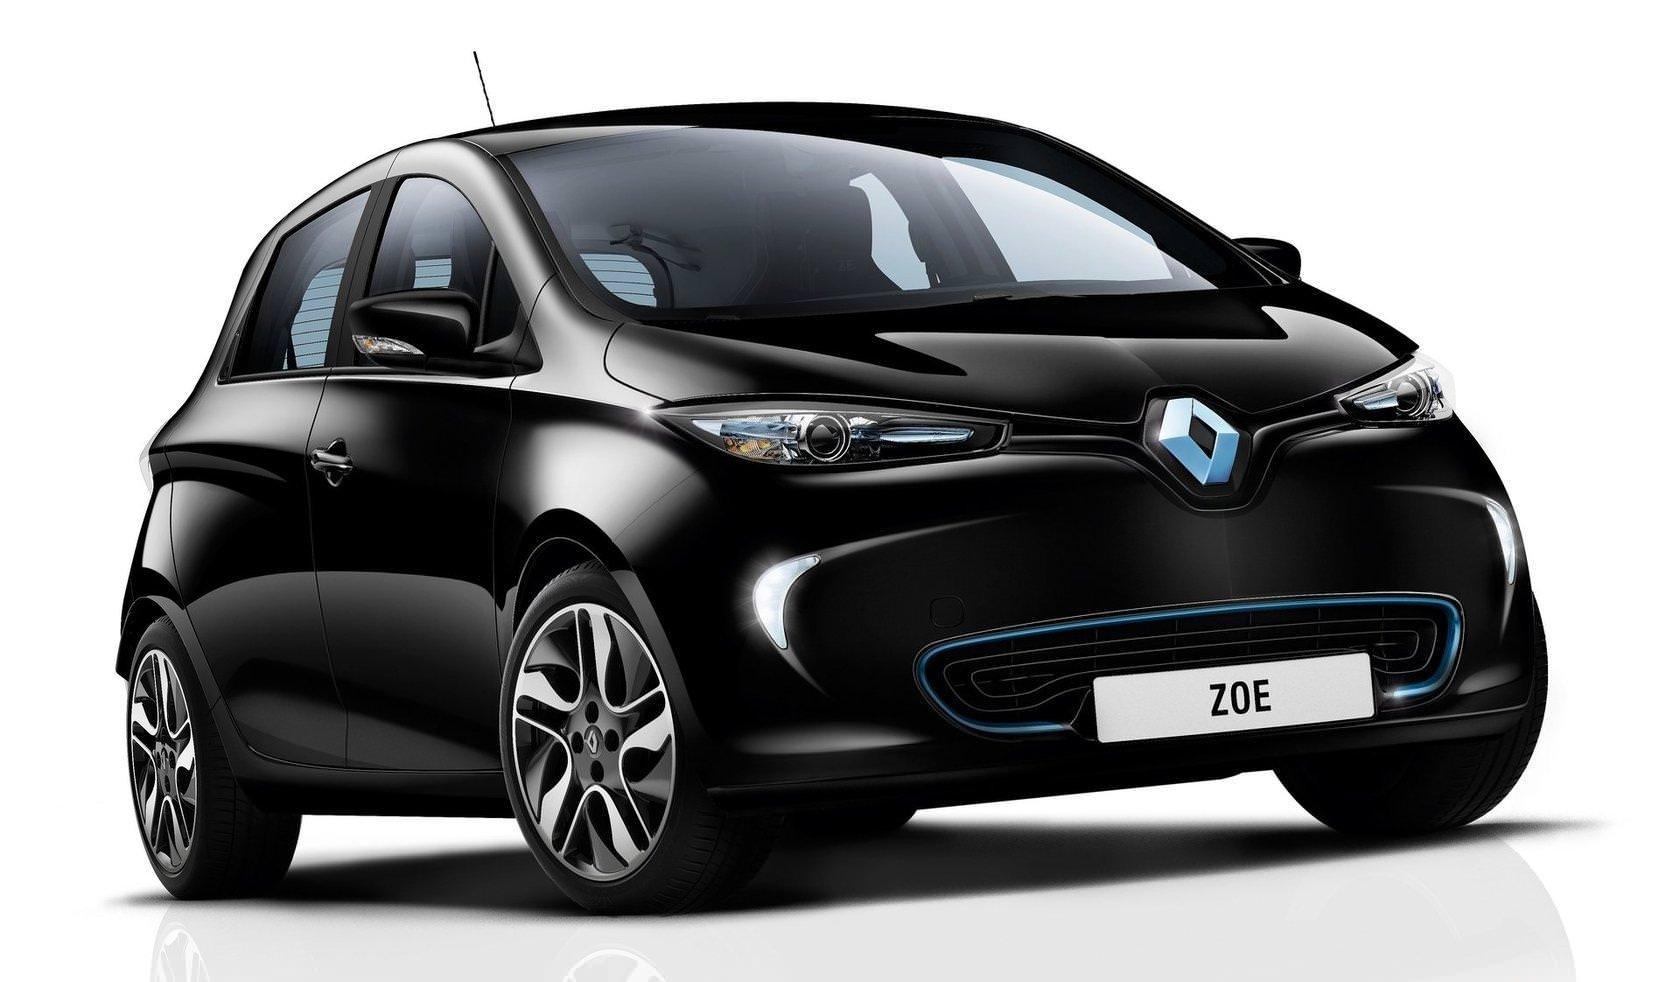 Renault Zoe Fiyatları - Renault Elektrikli Otomobil Fiyatları 2018